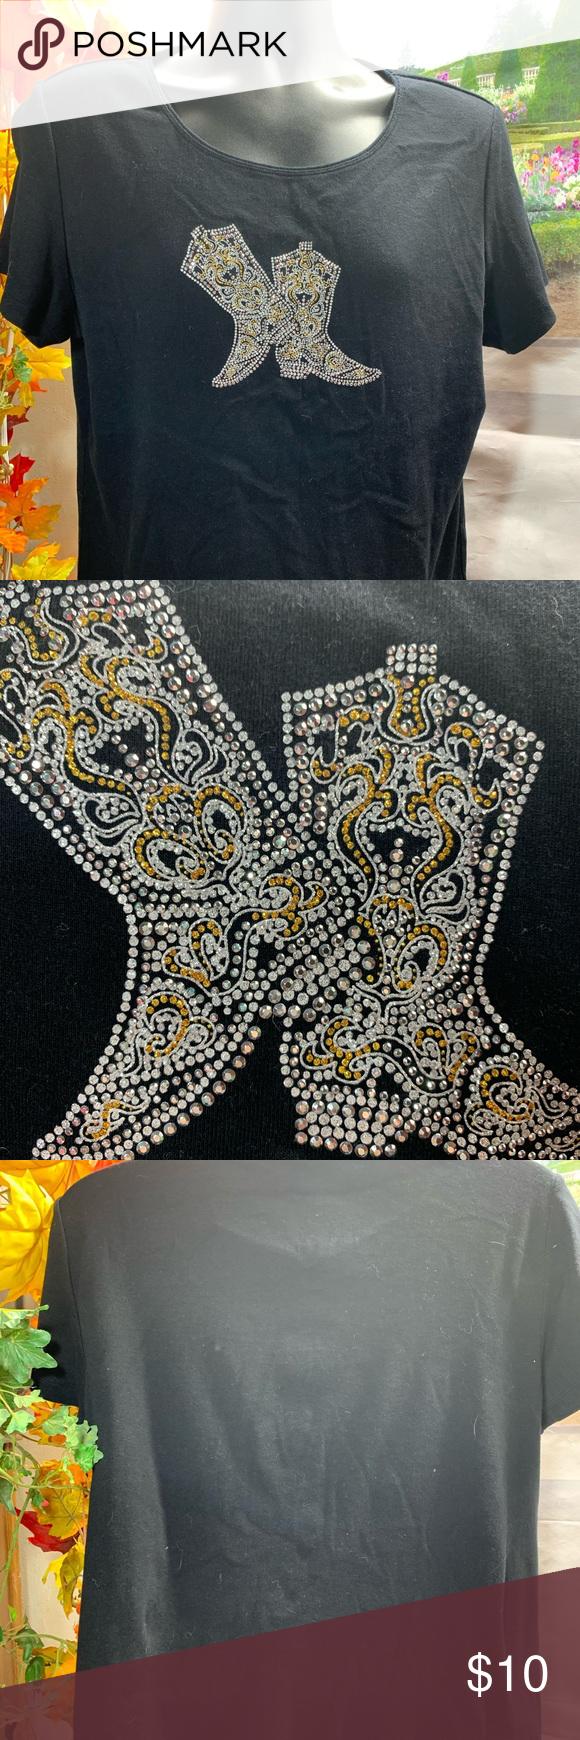 Karen Scott xl boots shirt T1192 Beautiful design bright gold silver bling come to a beautiful designer Karen Scott. Short sleeve never worn  Length 25 Chest 22.5 NWOT Karen Scott Tops Tees - Short Sleeve